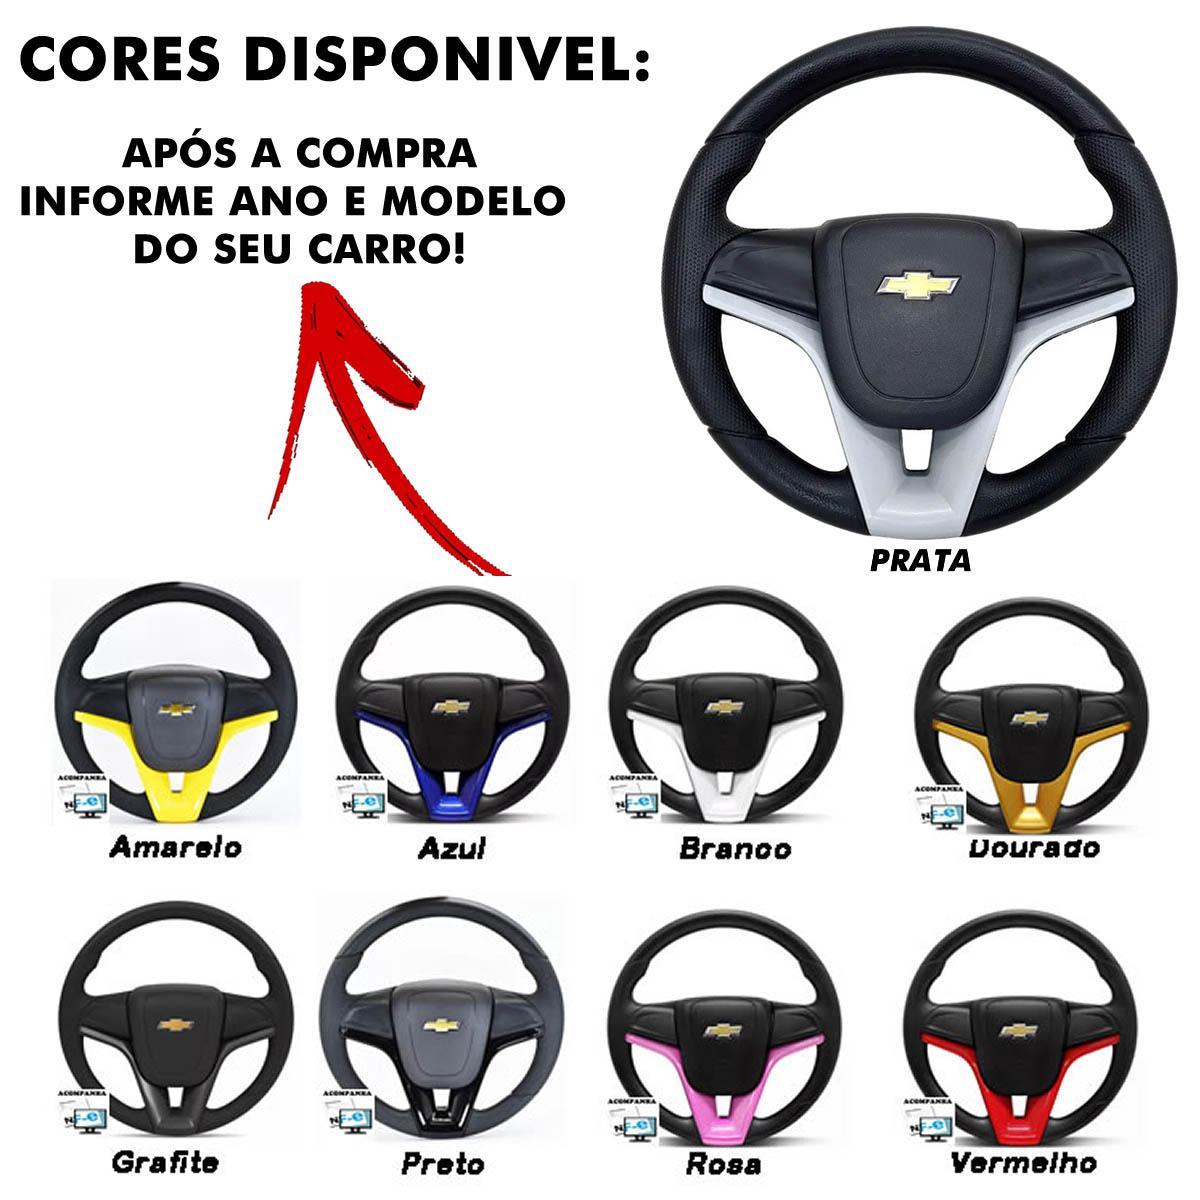 Volante Chevrolet do Camaro Esportivo Cubo Vectra Astra 1993 a 2011 Meriva Zafira 2000 a 2012 Poliparts